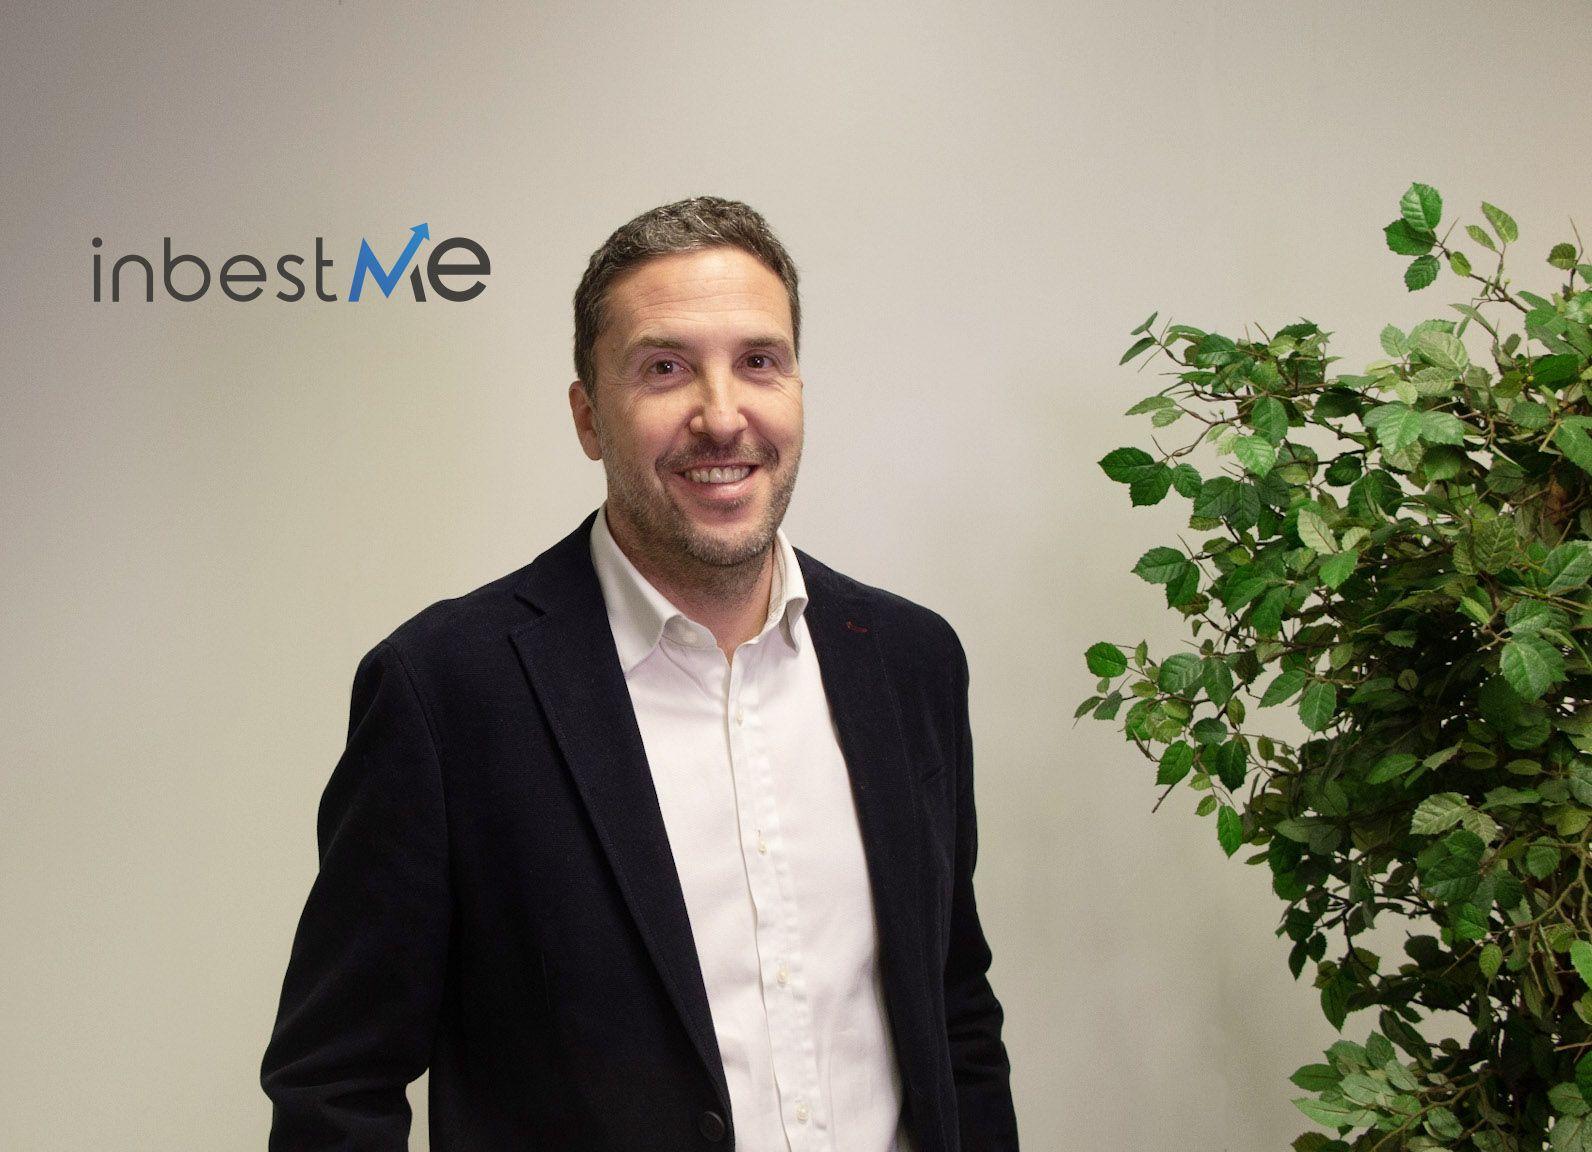 Luis Valero, nuevo Director Financiero y de Operaciones del Robo Advisor inbestMe